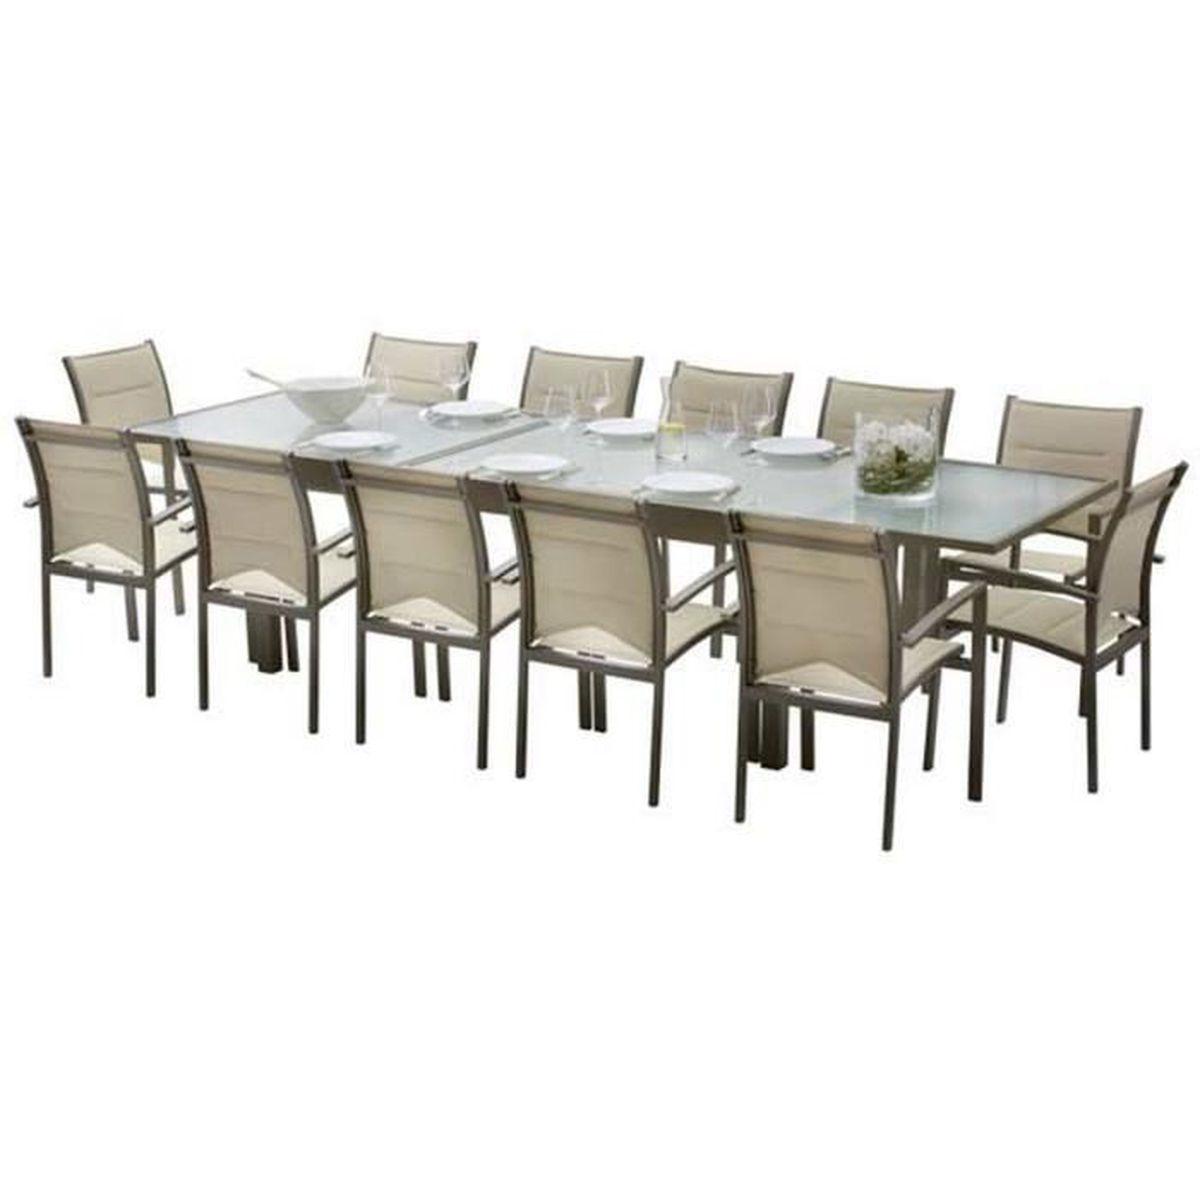 Ensemble table et chaises de jardin MODULO 12 PLACES TAUPE - Achat ...